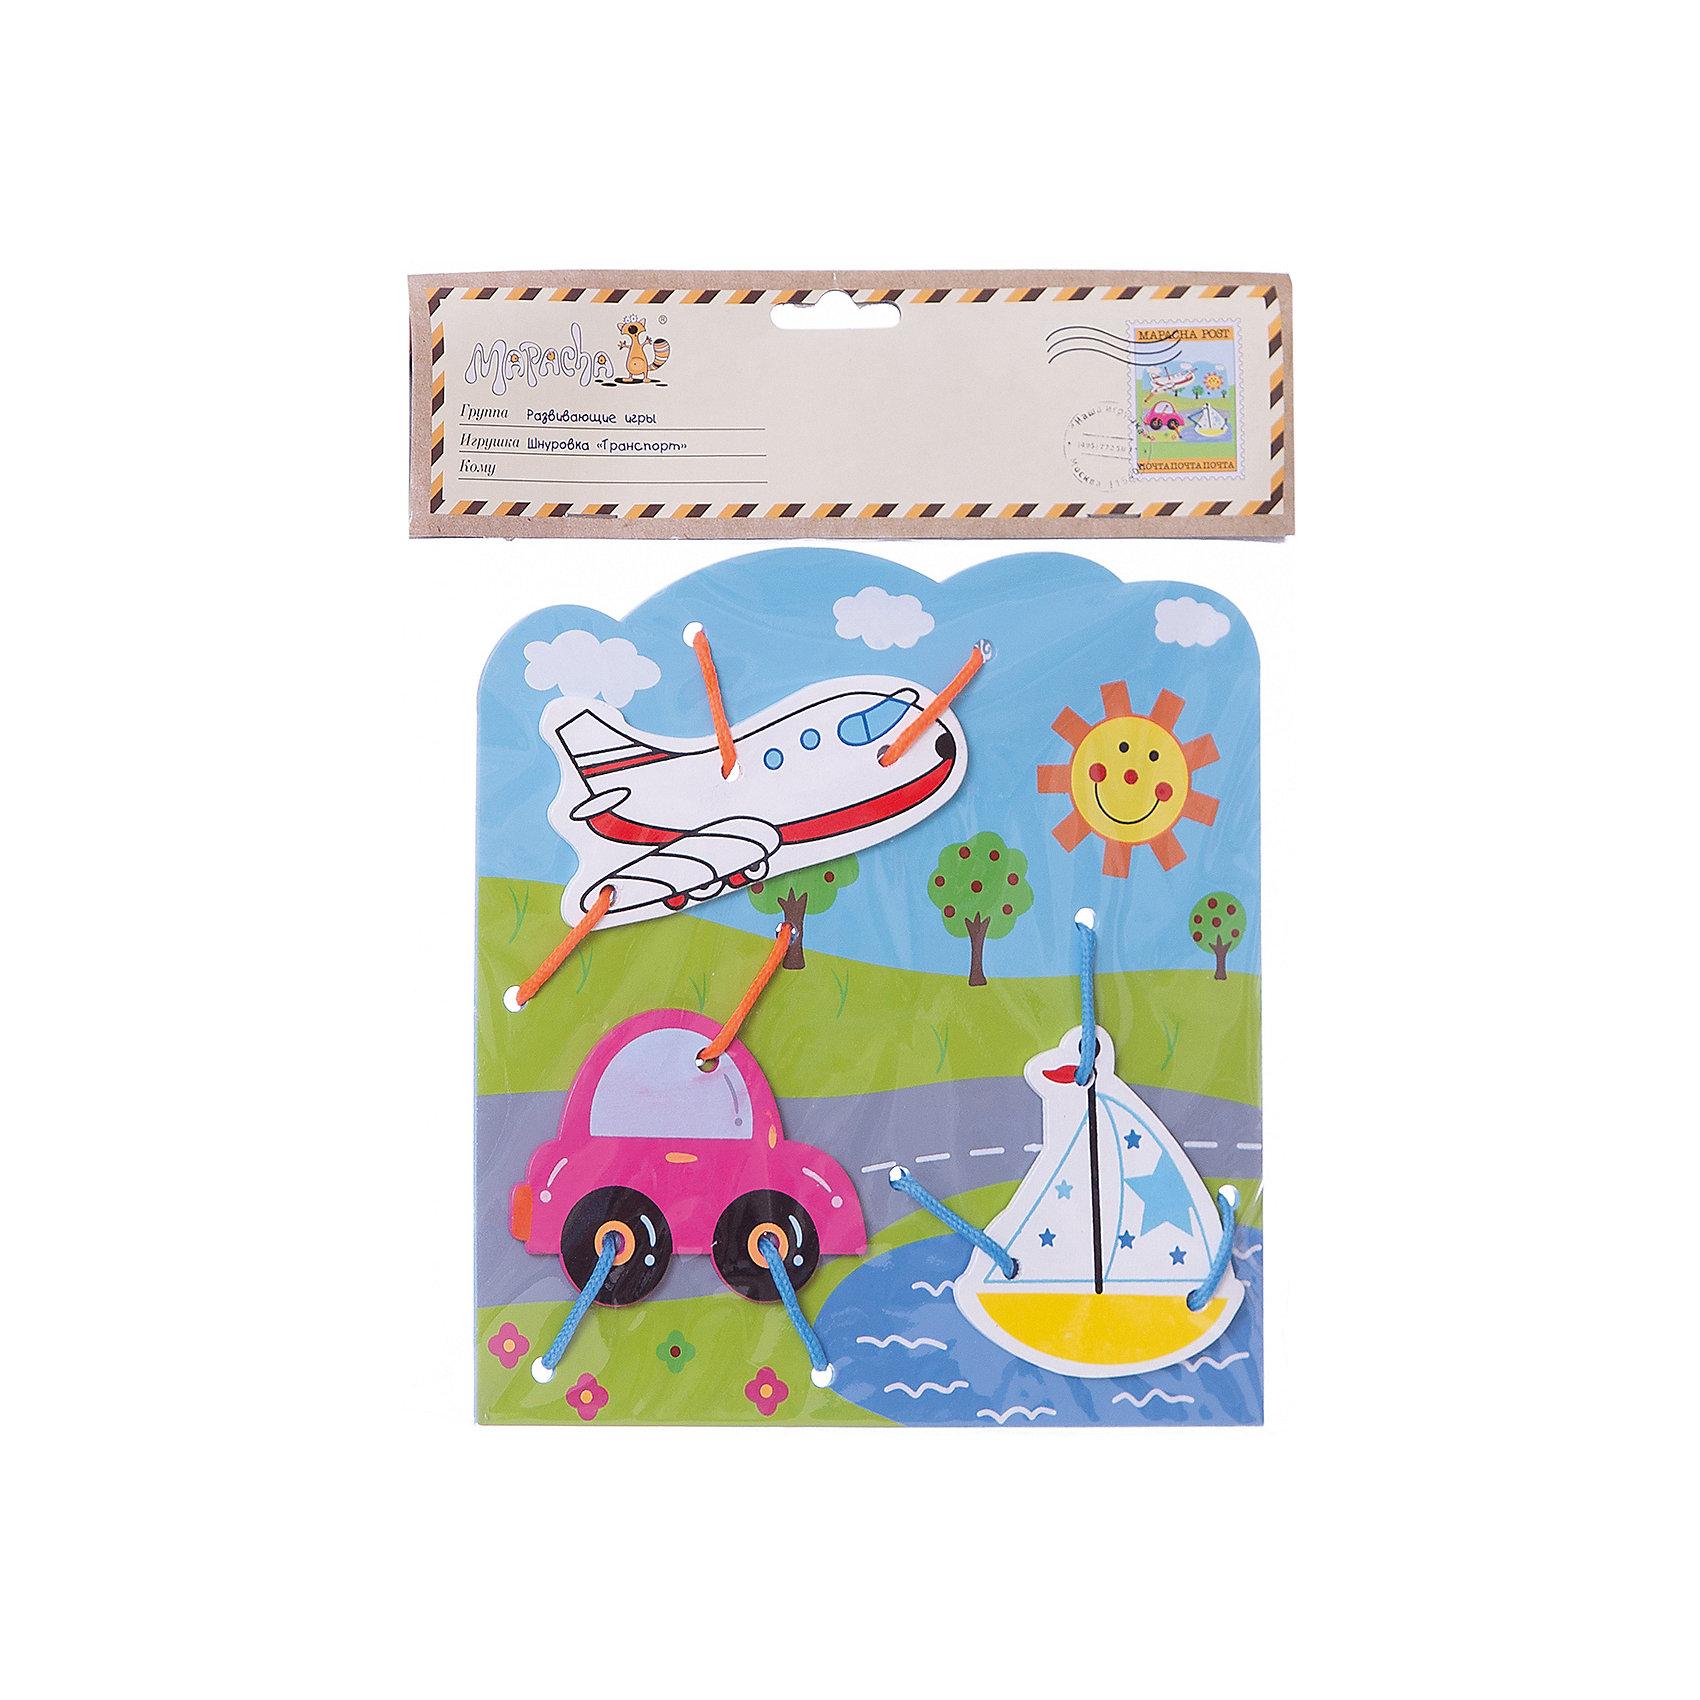 Шнуровка Транспорт, MapachaШнуровки<br>Шнуровки – вид развивающих игрушек, которые обучают ребенка практическим навыкам. Шнуровка научит обращаться со шнурками, завязывать узелки и бантики. Красивый дизайн игрушки, интересный рисунок, экологический материал, яркие цвета и стильный дизайн сделают модель любимой вещицей у малыша. Игрушка тренирует мелкую моторику, аккуратность, а так же тренирует логику и воображение. Материалы, использованные при изготовлении товара, абсолютно безопасны и отвечают всем международным требованиям по качеству.<br><br>Дополнительные характеристики:<br><br>материал: натуральное дерево, текстиль;<br>цвет: разноцветный;<br>габариты: 21 X 1 X 28 см.<br><br>Шнуровку  Транспорт от компании Mapacha можно приобрести в нашем магазине.<br><br>Ширина мм: 420<br>Глубина мм: 590<br>Высота мм: 225<br>Вес г: 83<br>Возраст от месяцев: 36<br>Возраст до месяцев: 84<br>Пол: Унисекс<br>Возраст: Детский<br>SKU: 5032505